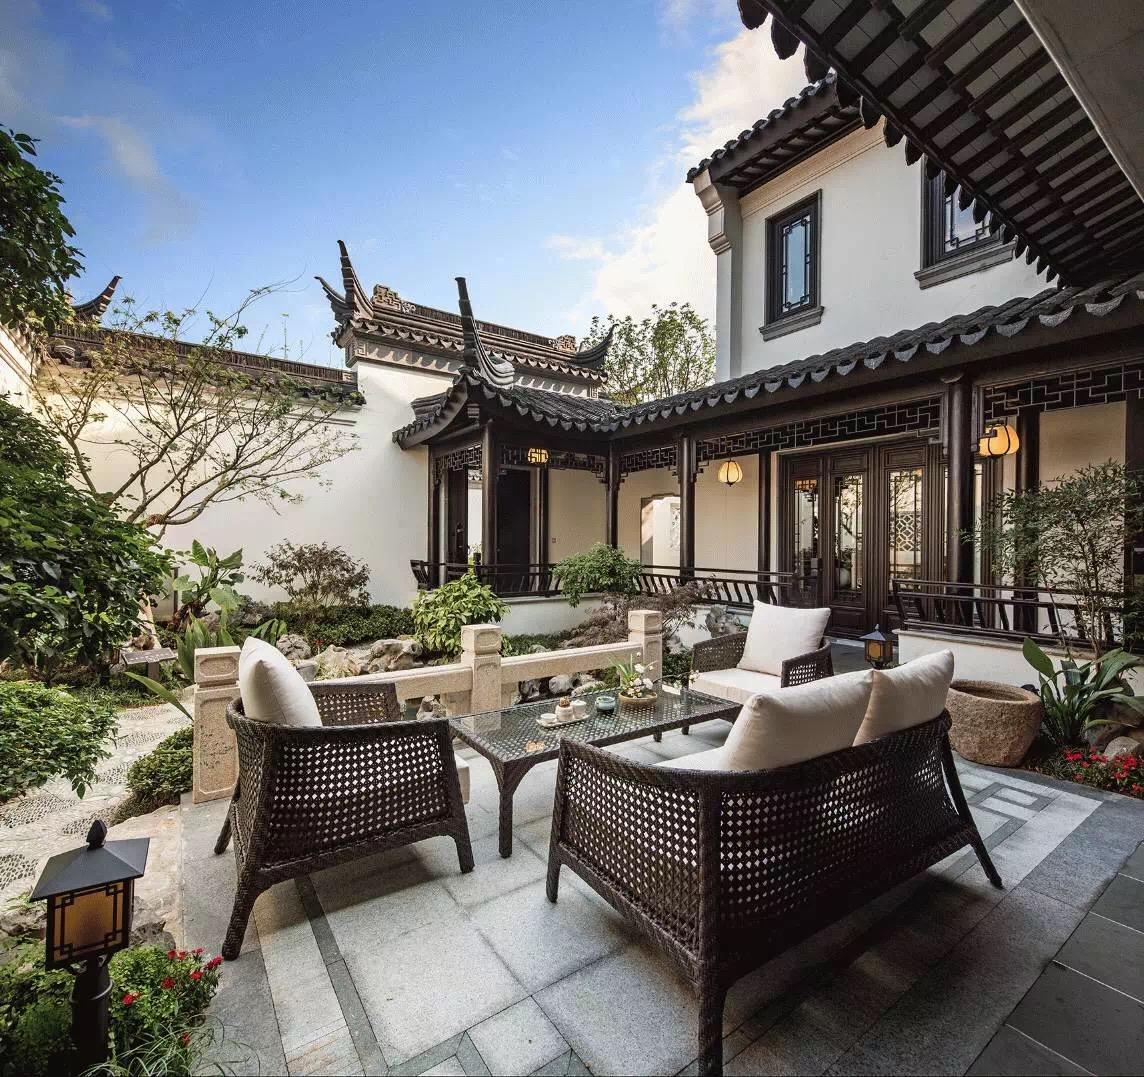 庭院之美-中式庭院的美丽所在!